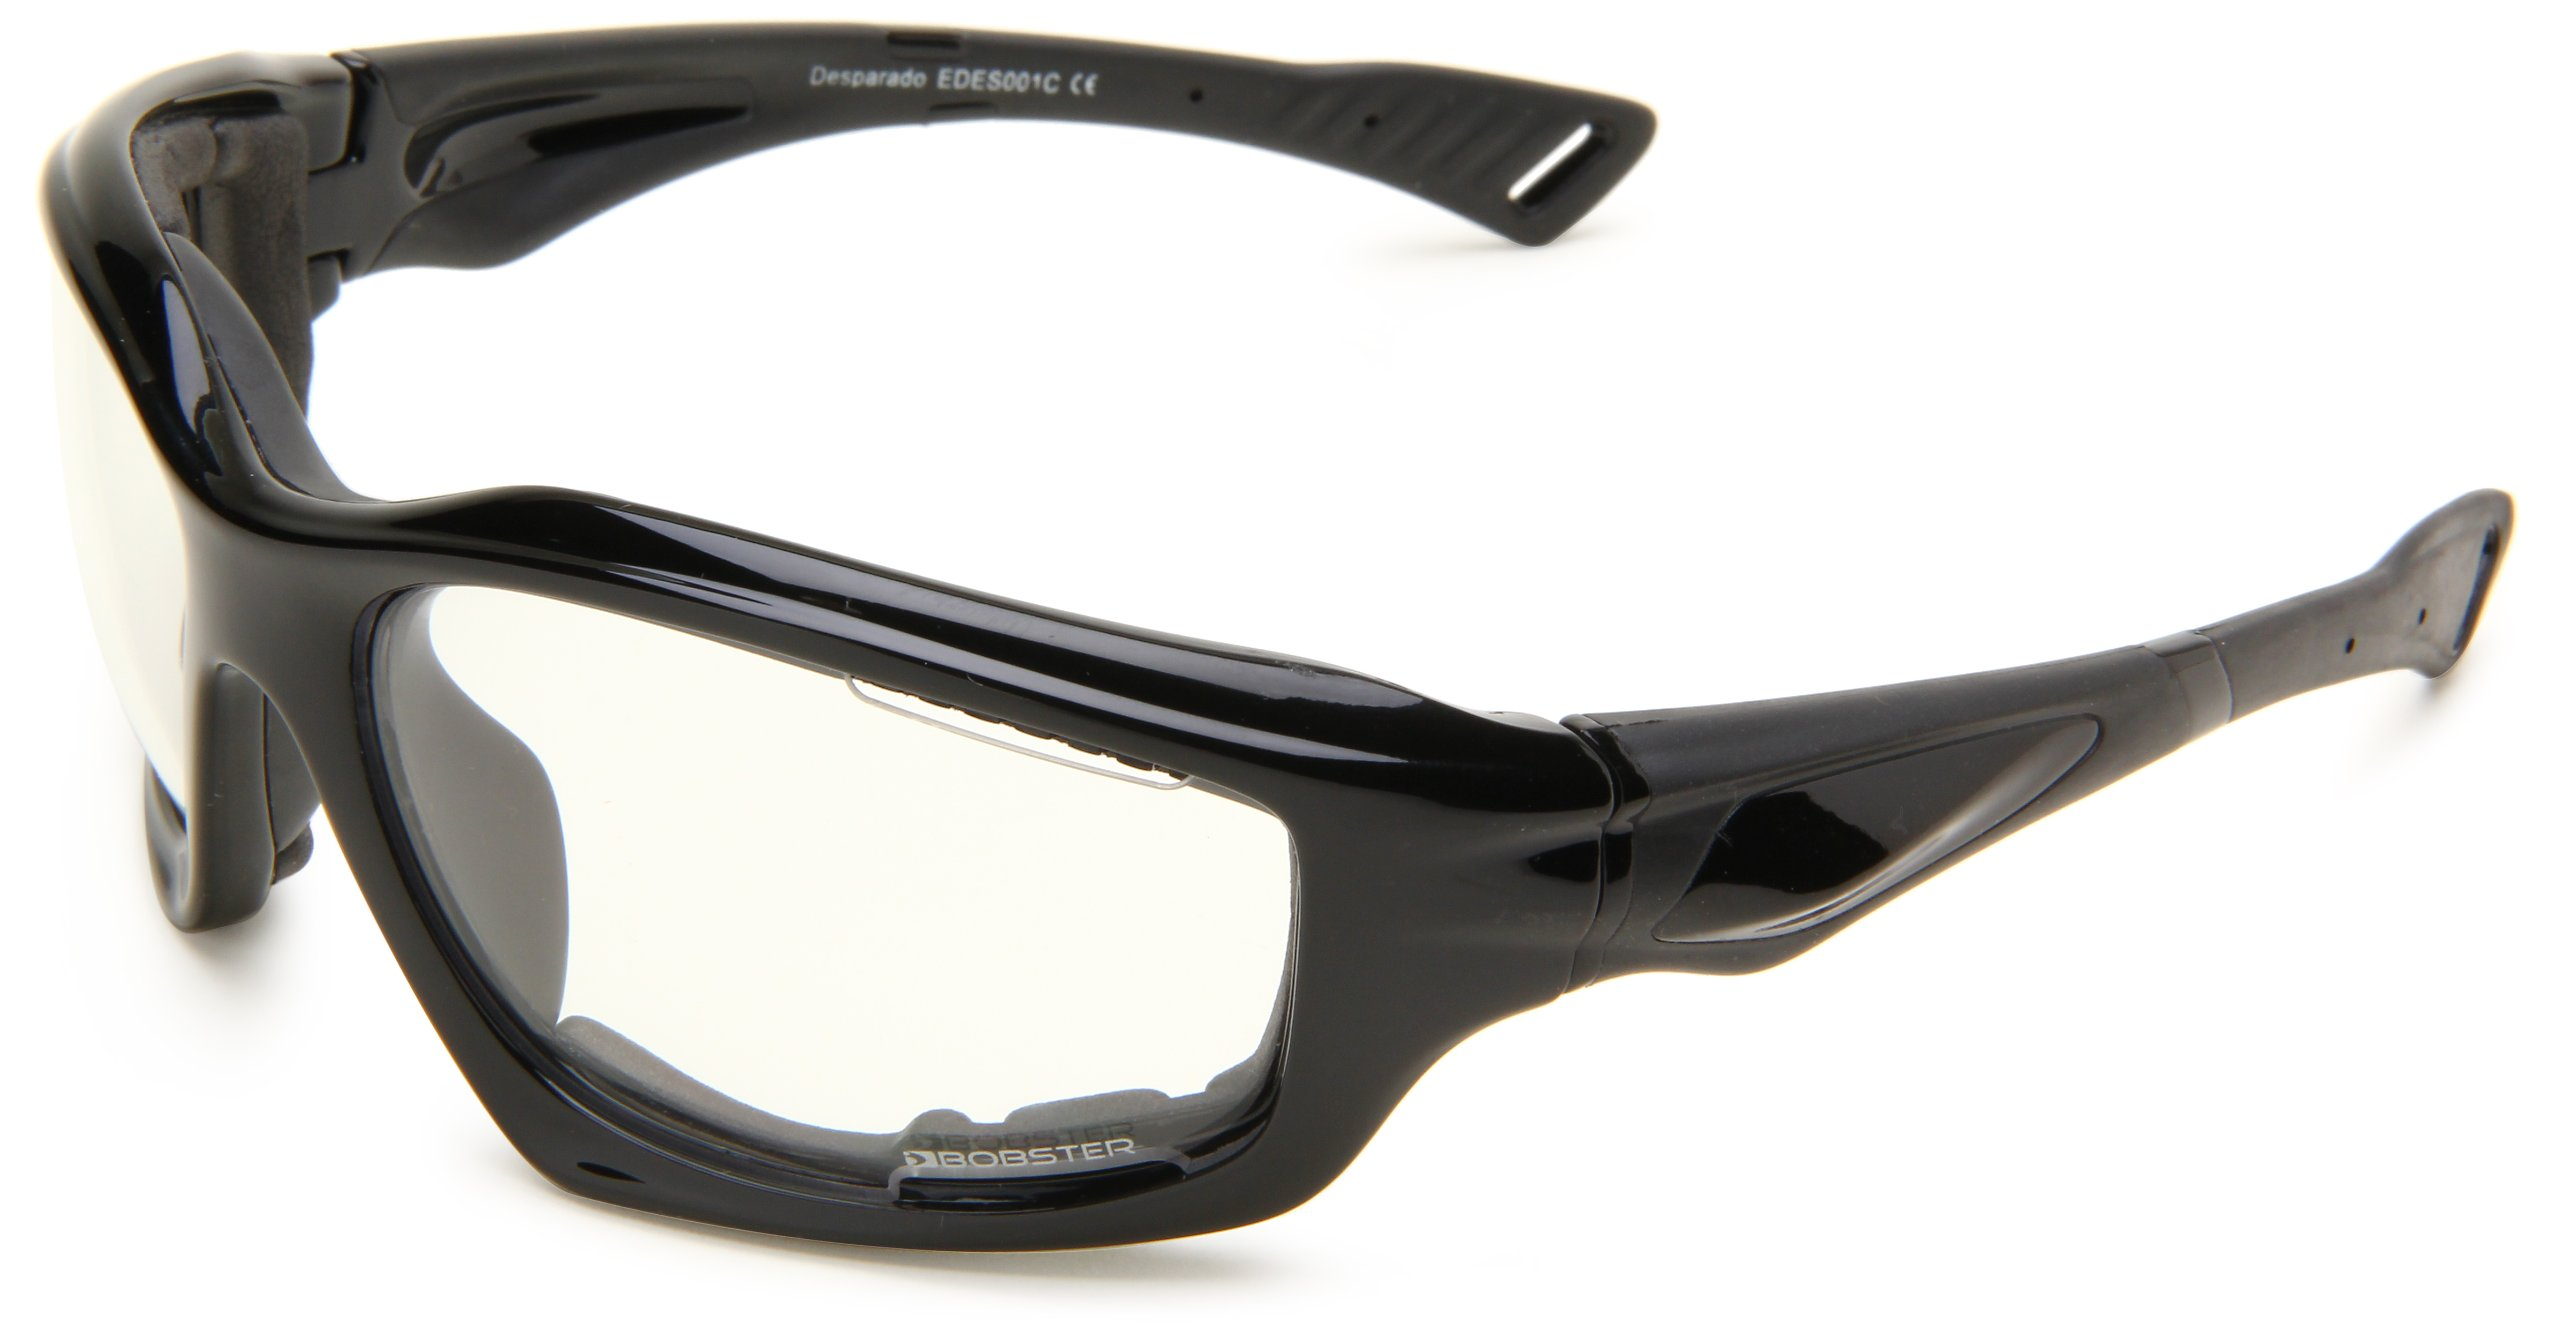 Bobster Desperado EDES001C Square Sunglasses,Black Frame/Clear Lens,One Size